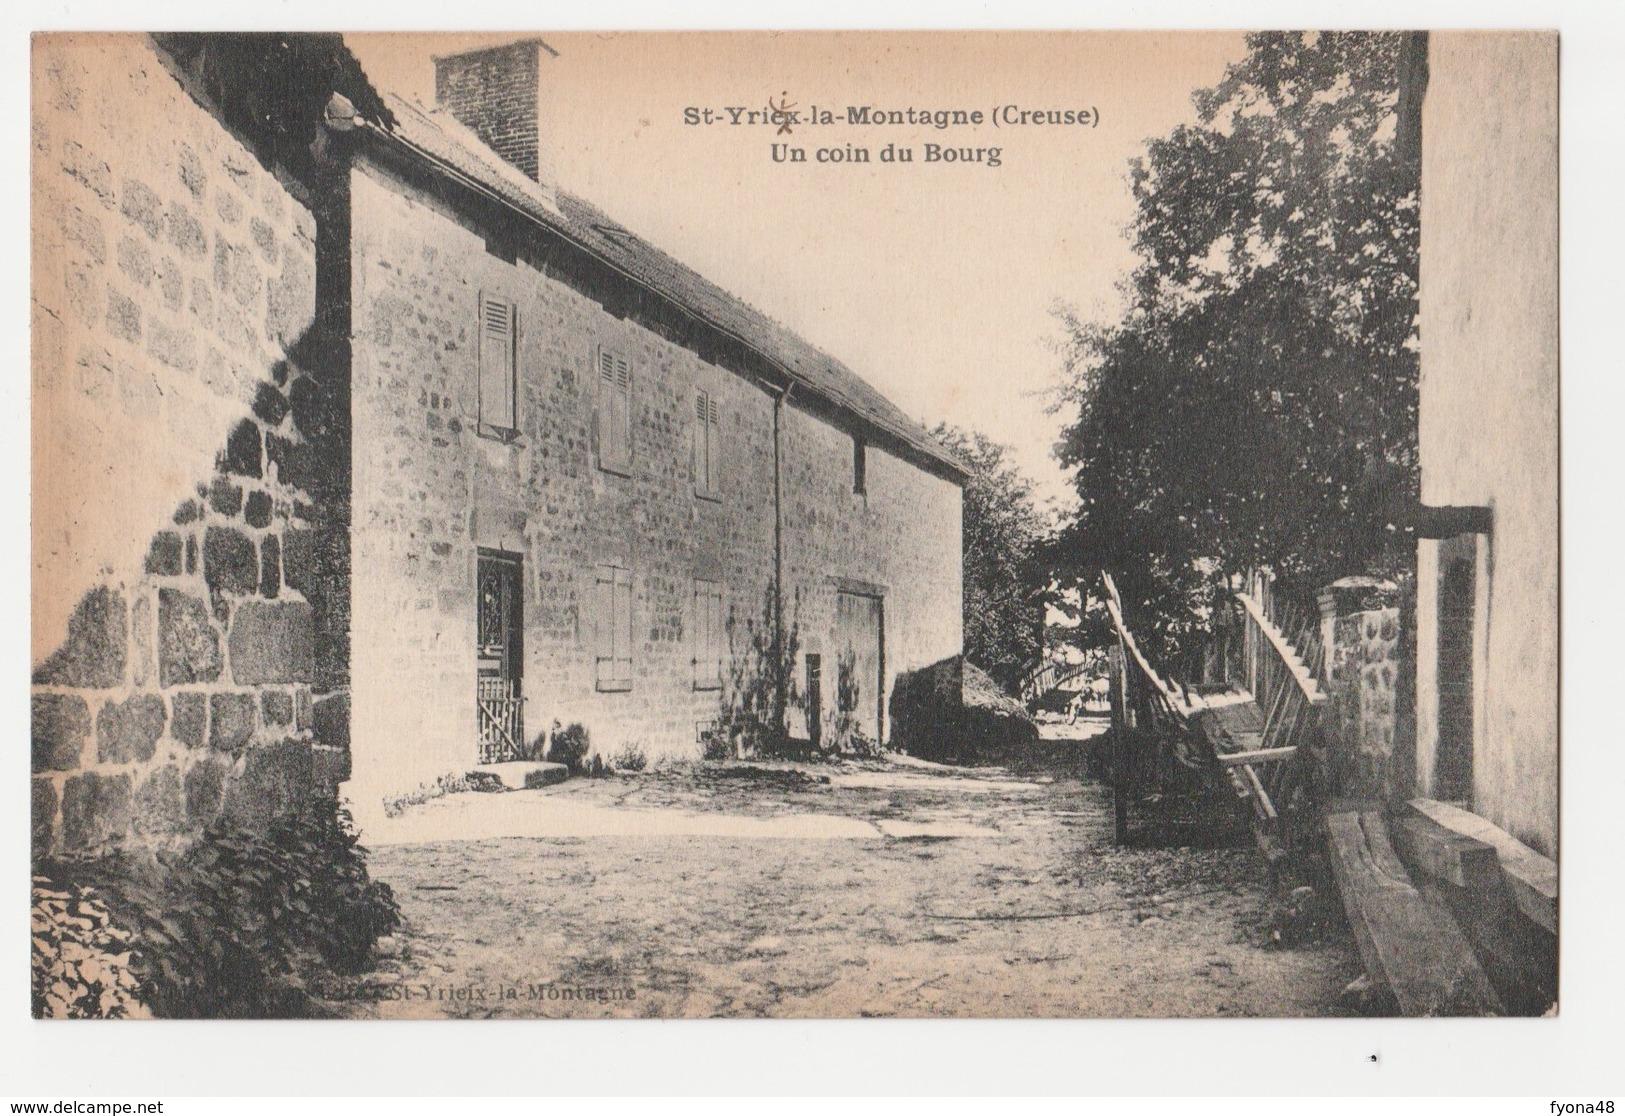 179 - SAINT-YRIEIX-LA-MONTAGNE - Un Coin Du Bourg - France